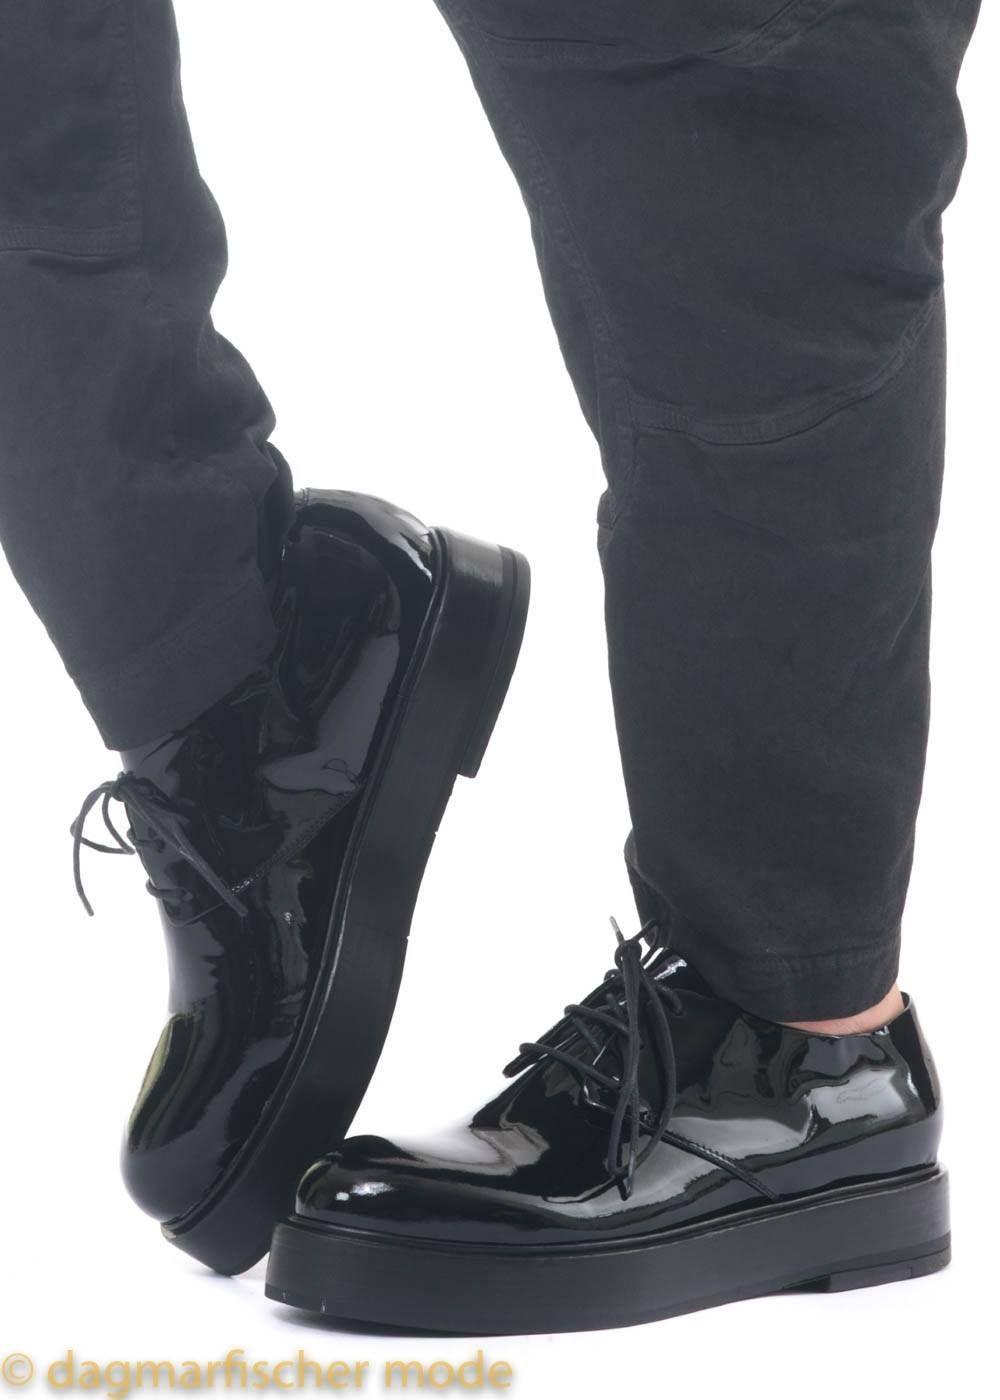 Schuh von RUNDHOLZ in reflex | Mode online kaufen, Mode